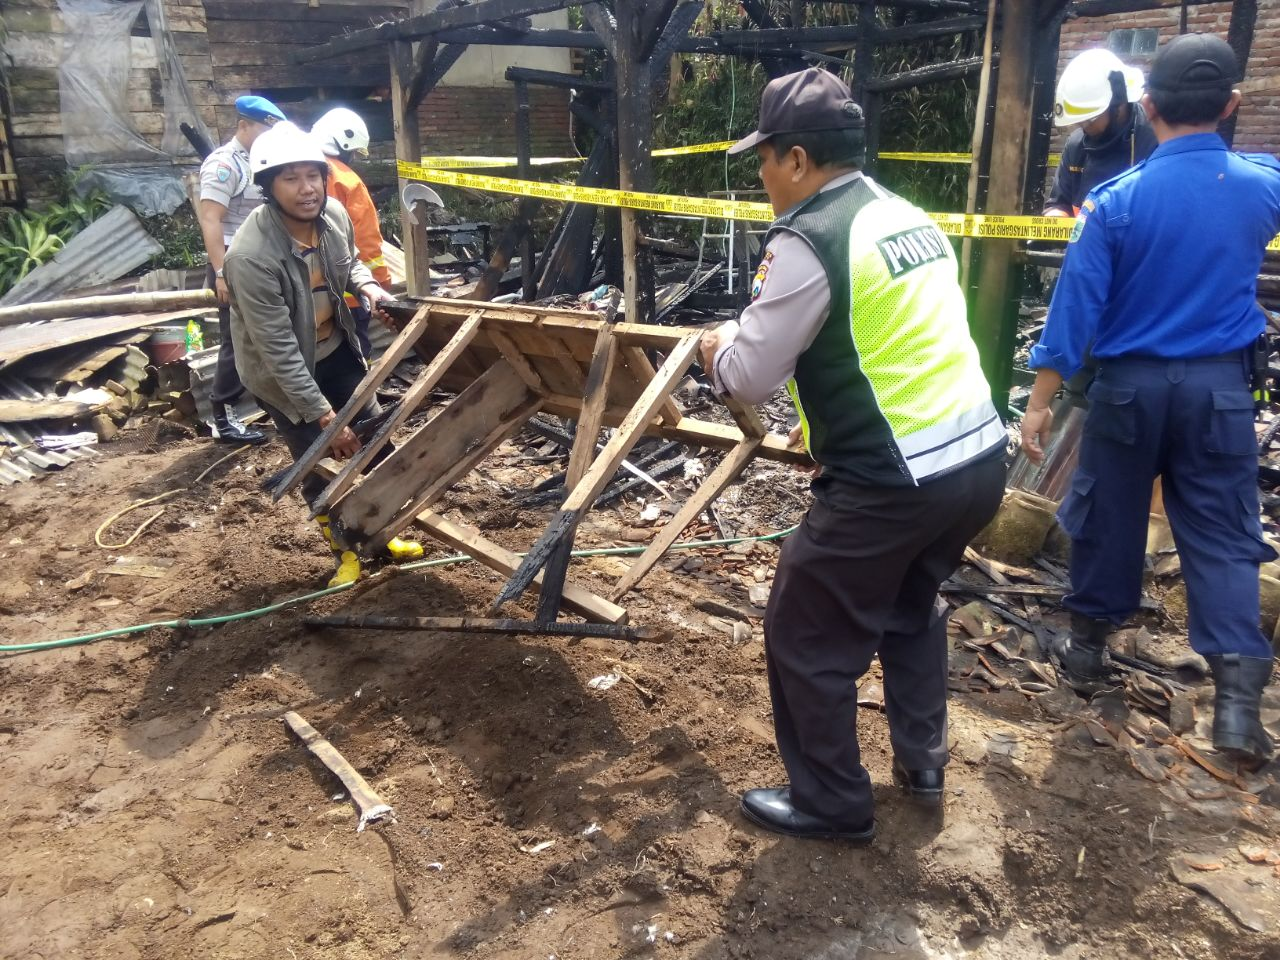 Anggota Polsek Bumiaji membantu korban kebakaran rumah di Ds. Tulungrejo